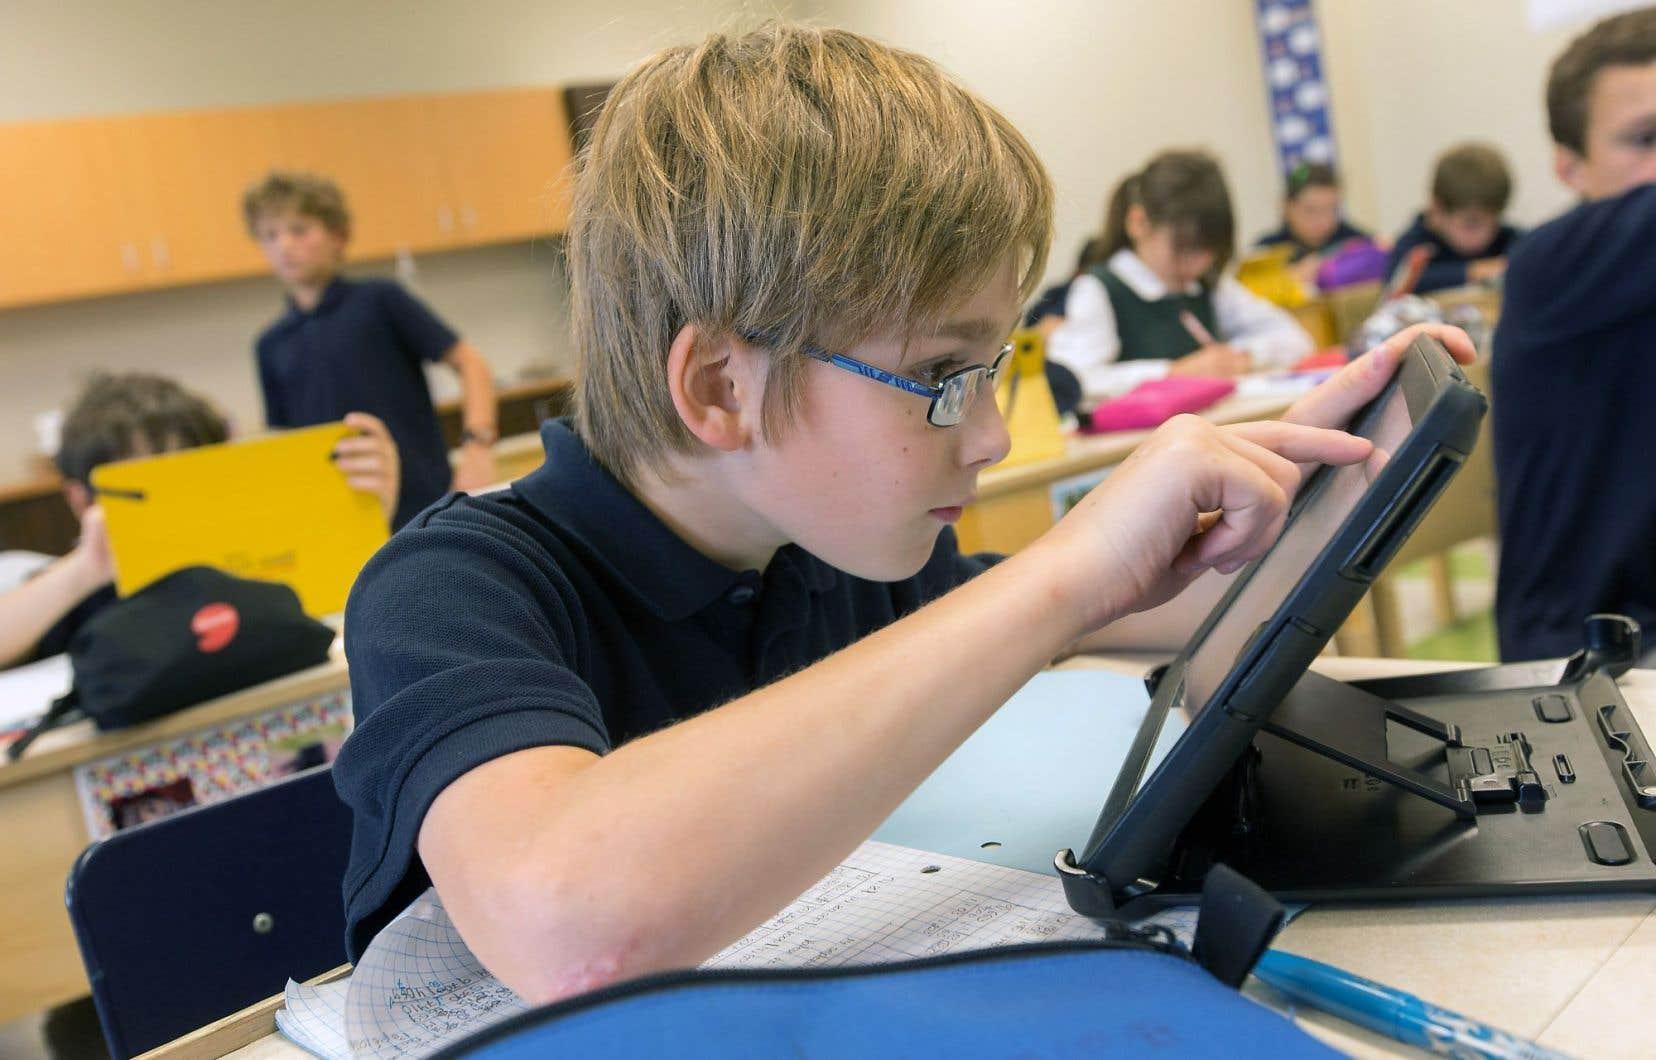 Les Québécois «sont parmi les meilleurs [au Canada]. La réforme pédagogique de 1999 y est sans doute pour beaucoup, puisque l'intégration de la technologie était l'un des piliers identifiés dans cette réforme», affirme M.Canuel